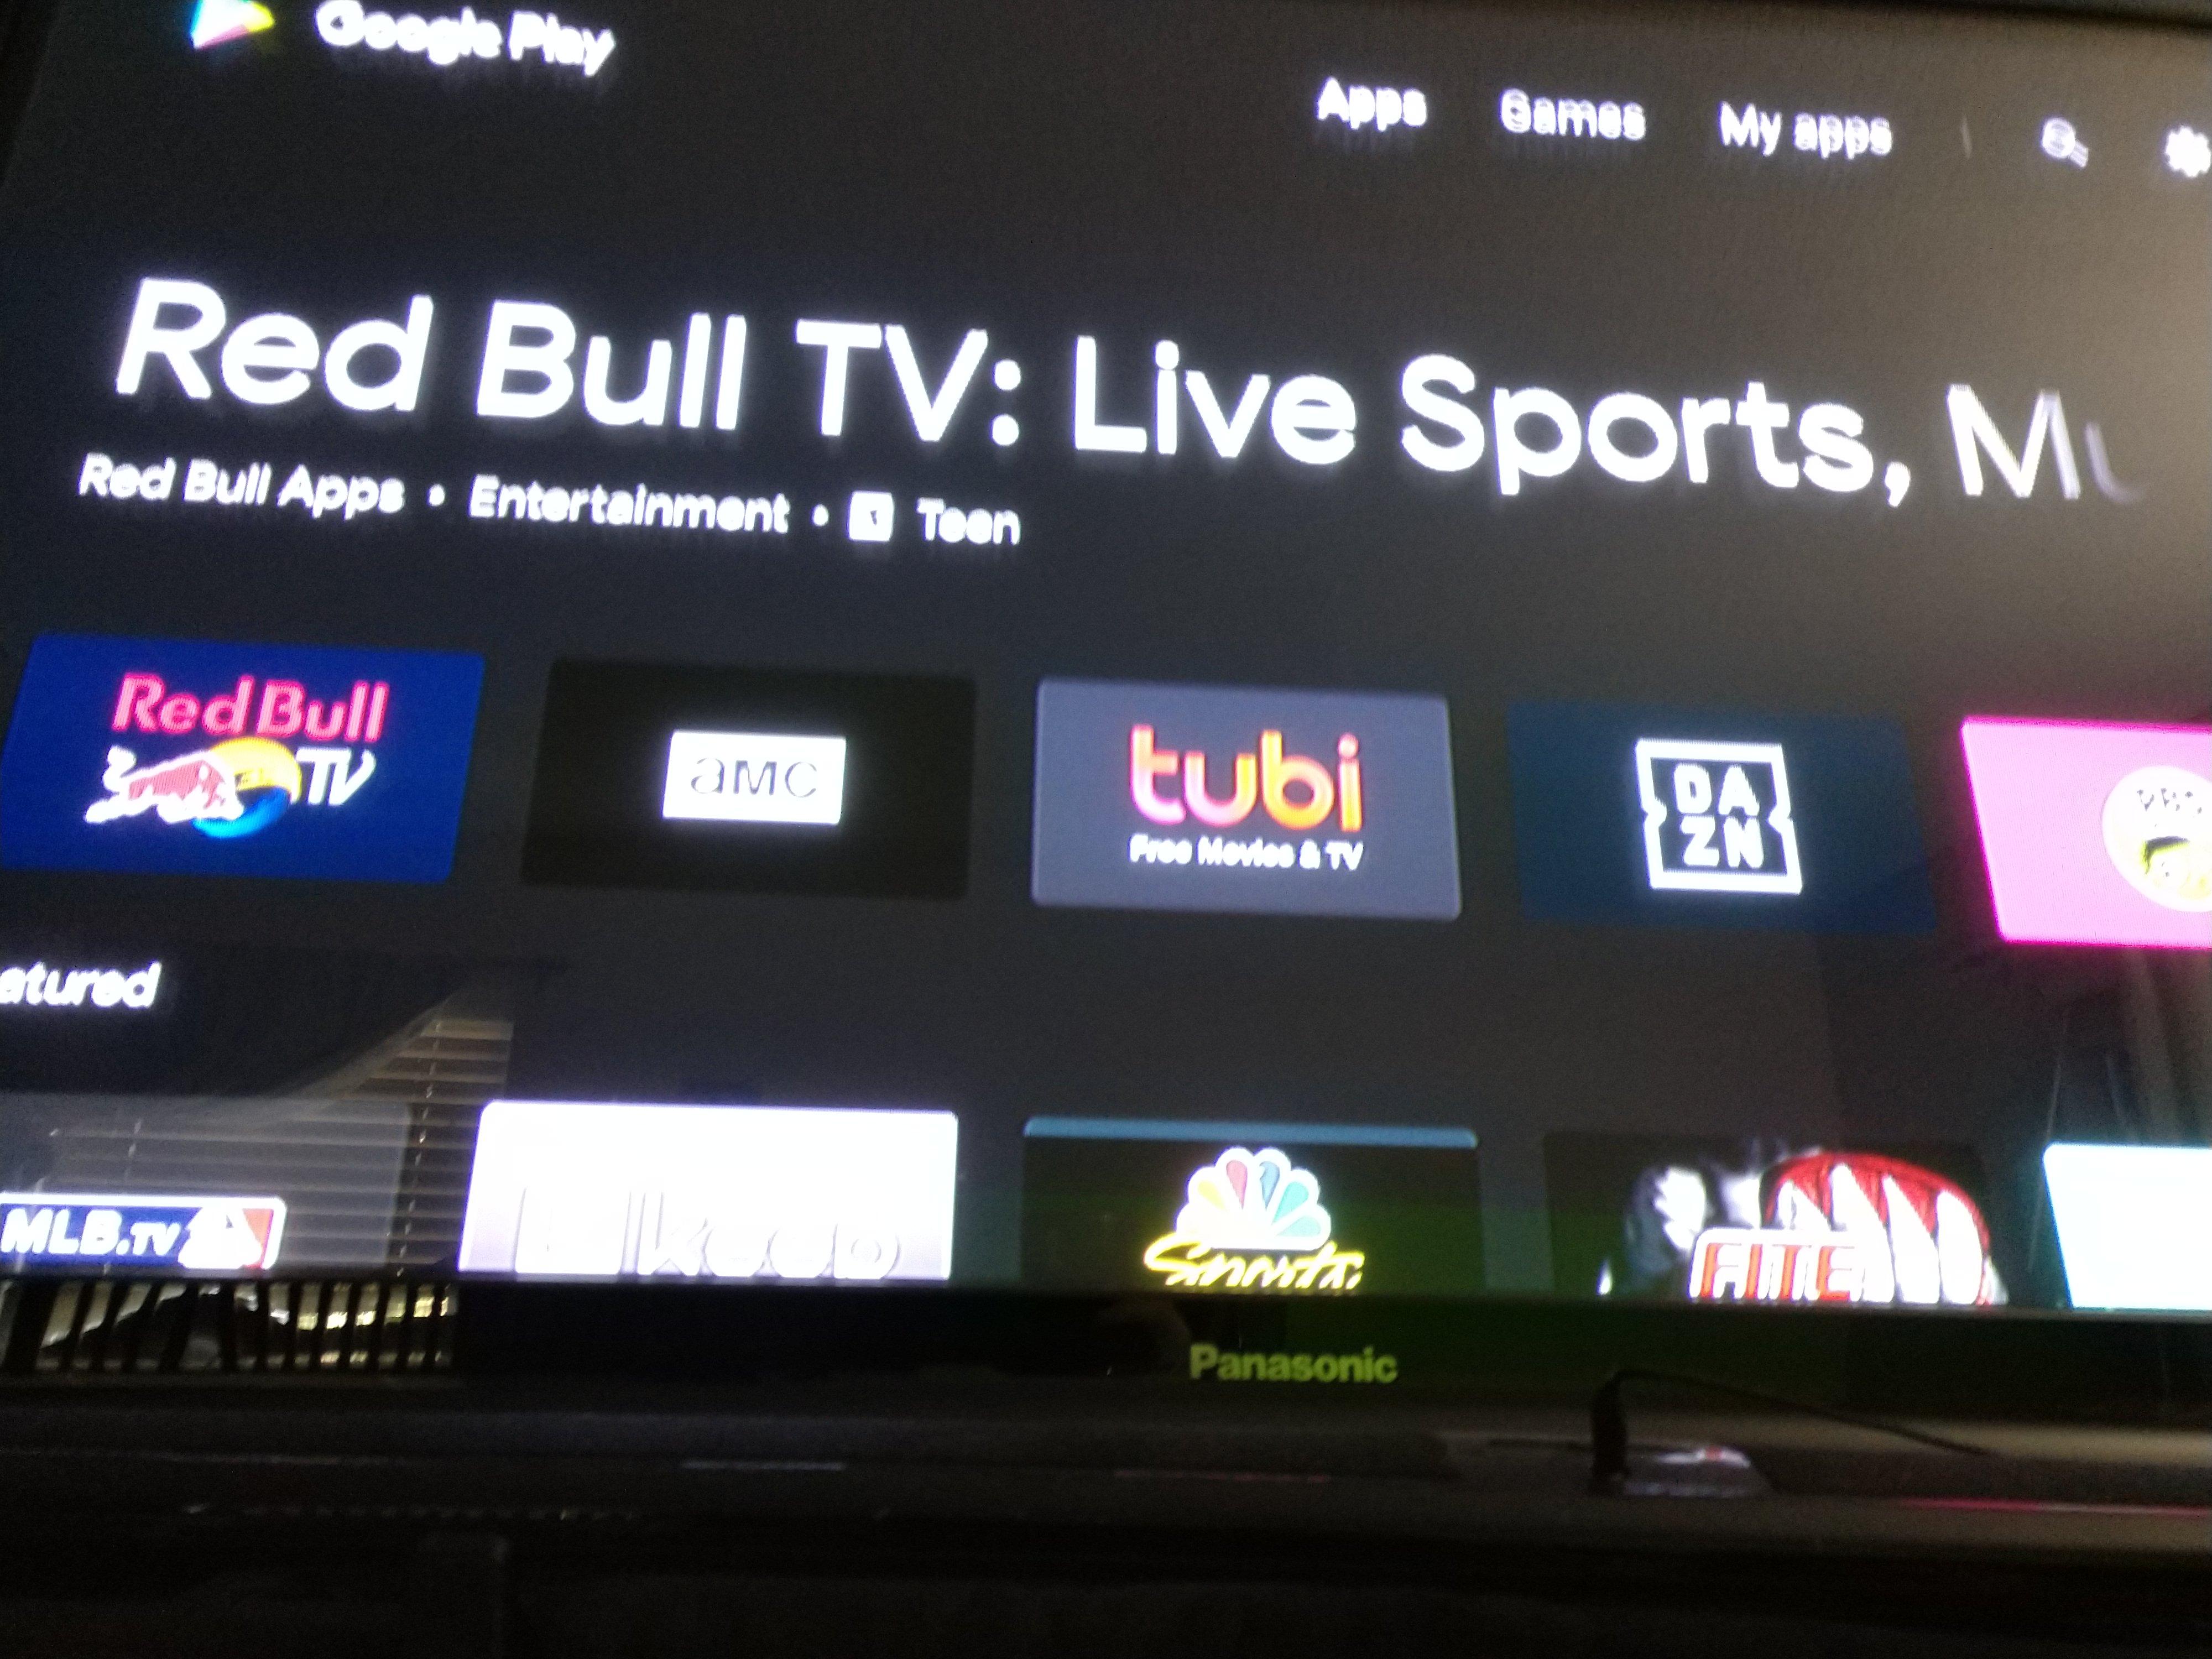 Nowy Google Play Sklep z aplikacjami na telewizory Android TV